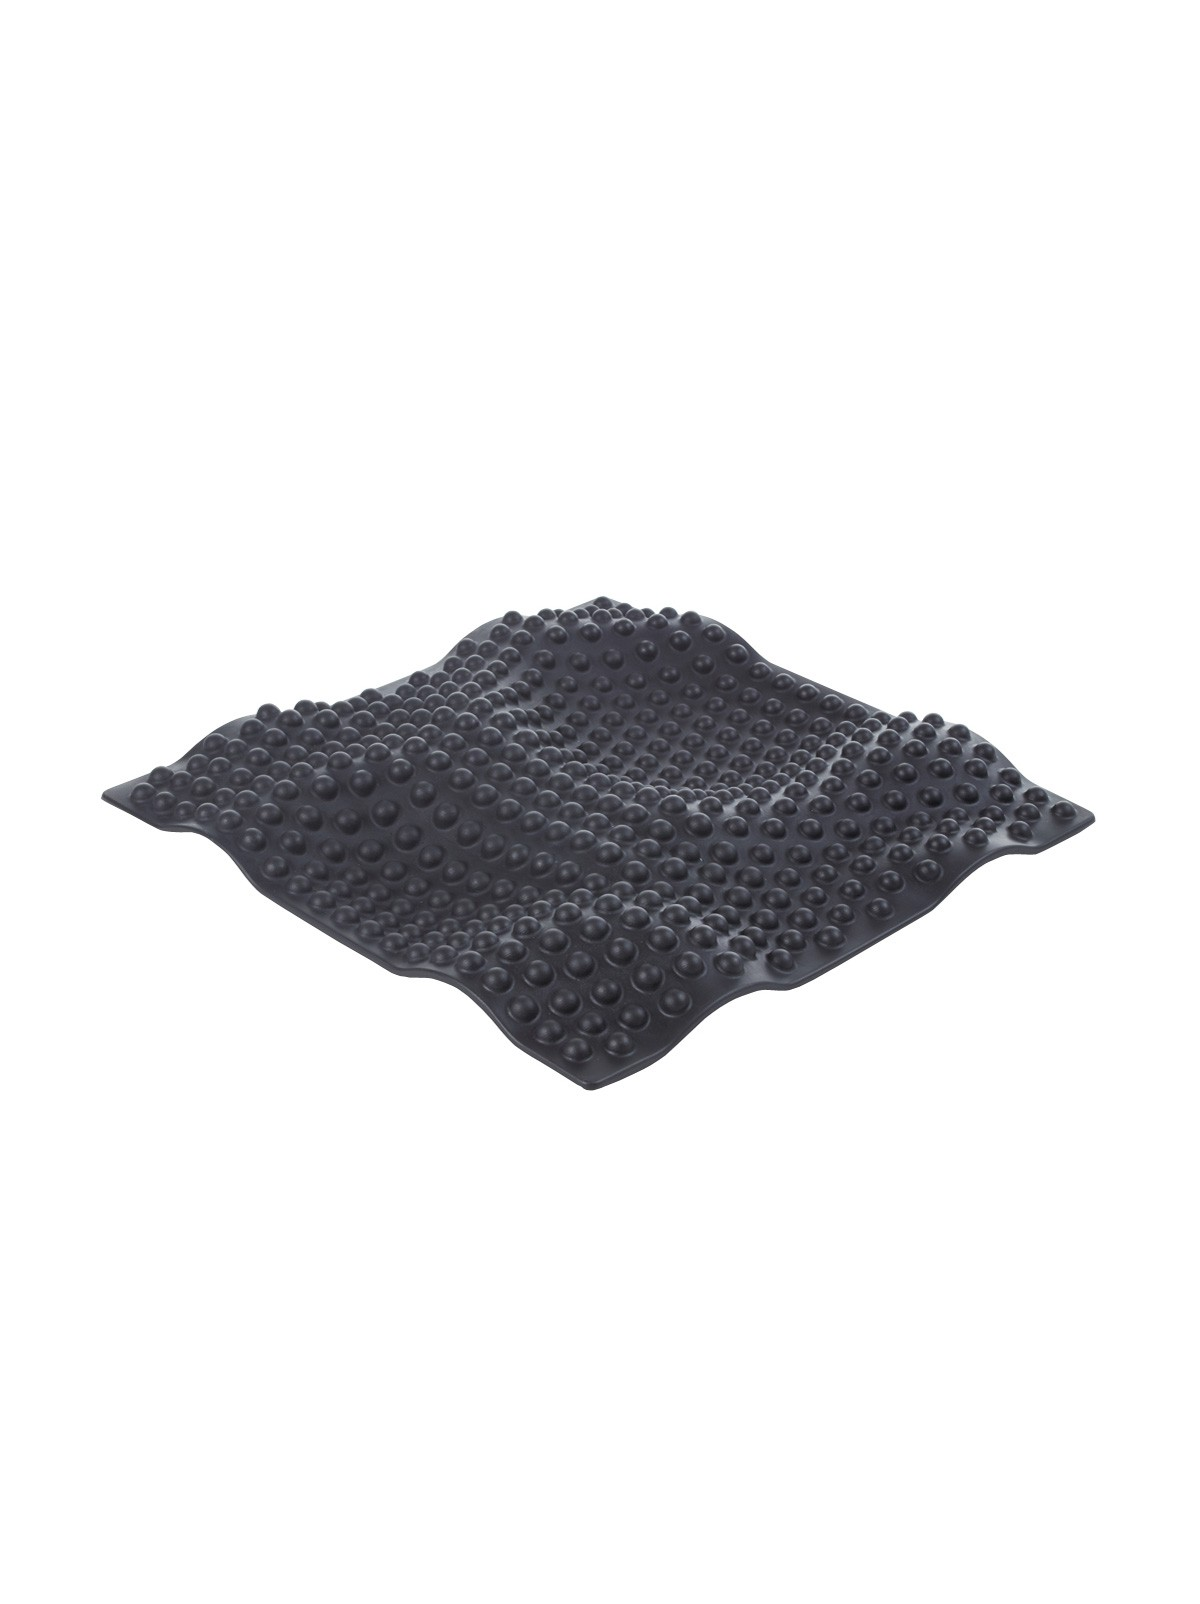 Sensa® terrasensa® 3D Reflexmatte - anthrazit - fest